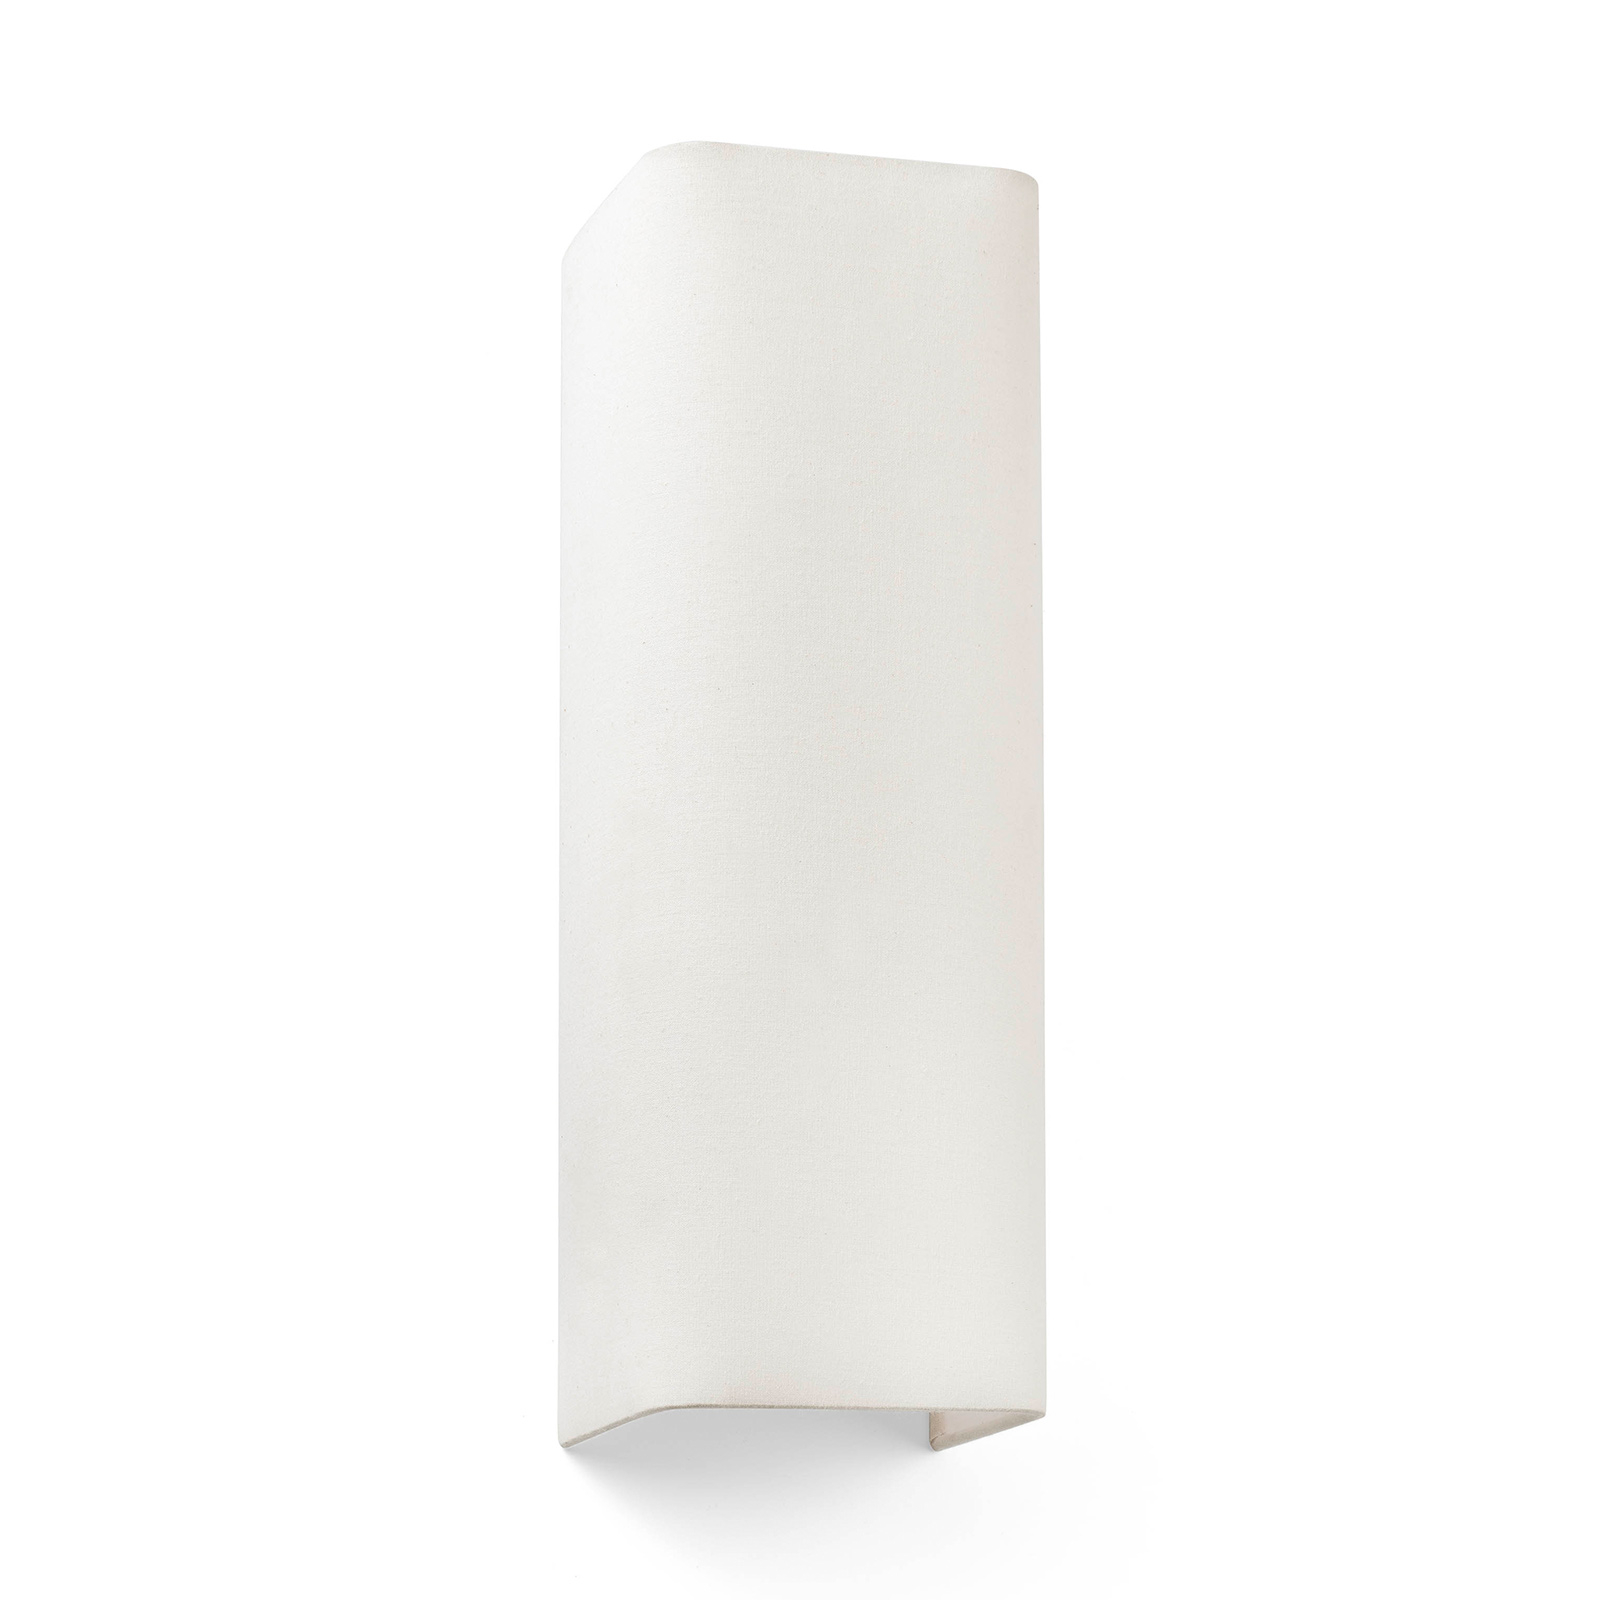 Wandlamp Cotton, hoekig, 37 x 12 cm, beige